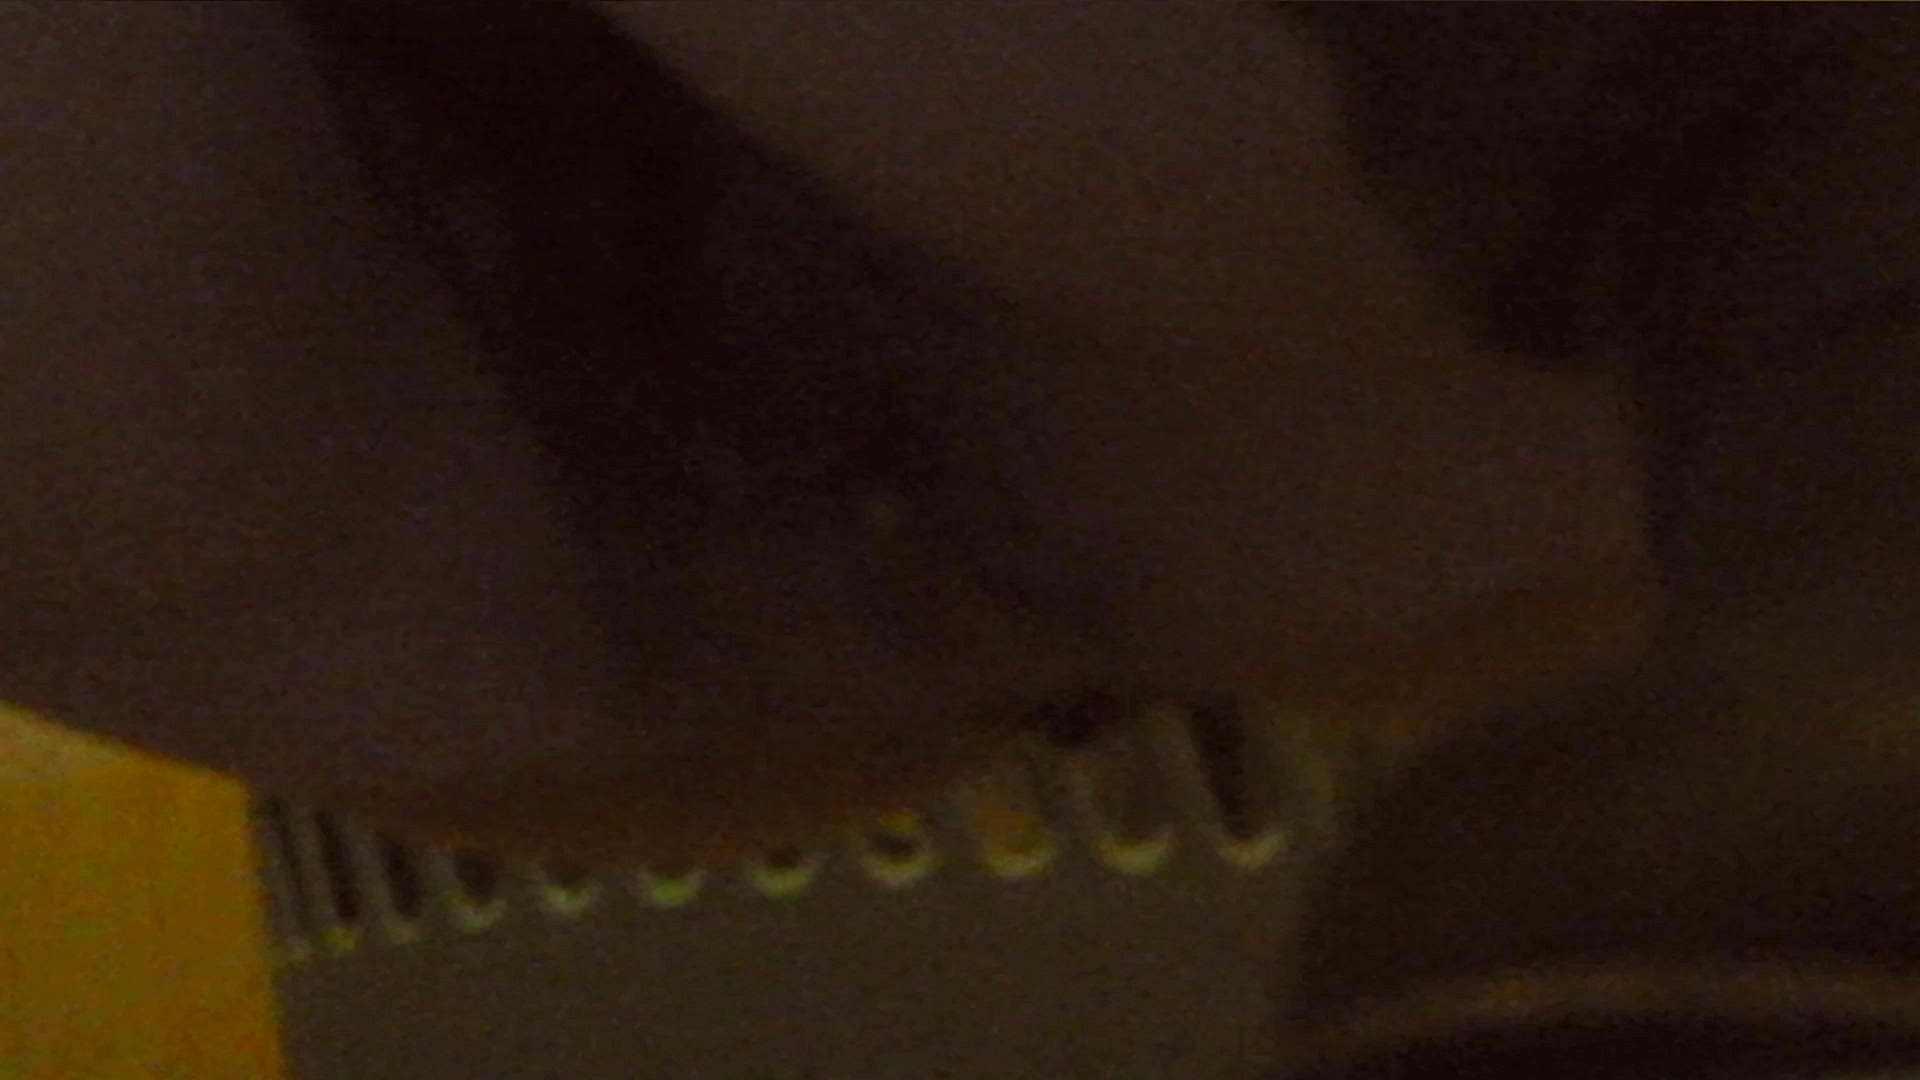 阿国ちゃんの「和式洋式七変化」No.1 洗面所   和式で踏ん張り中  50連発 23